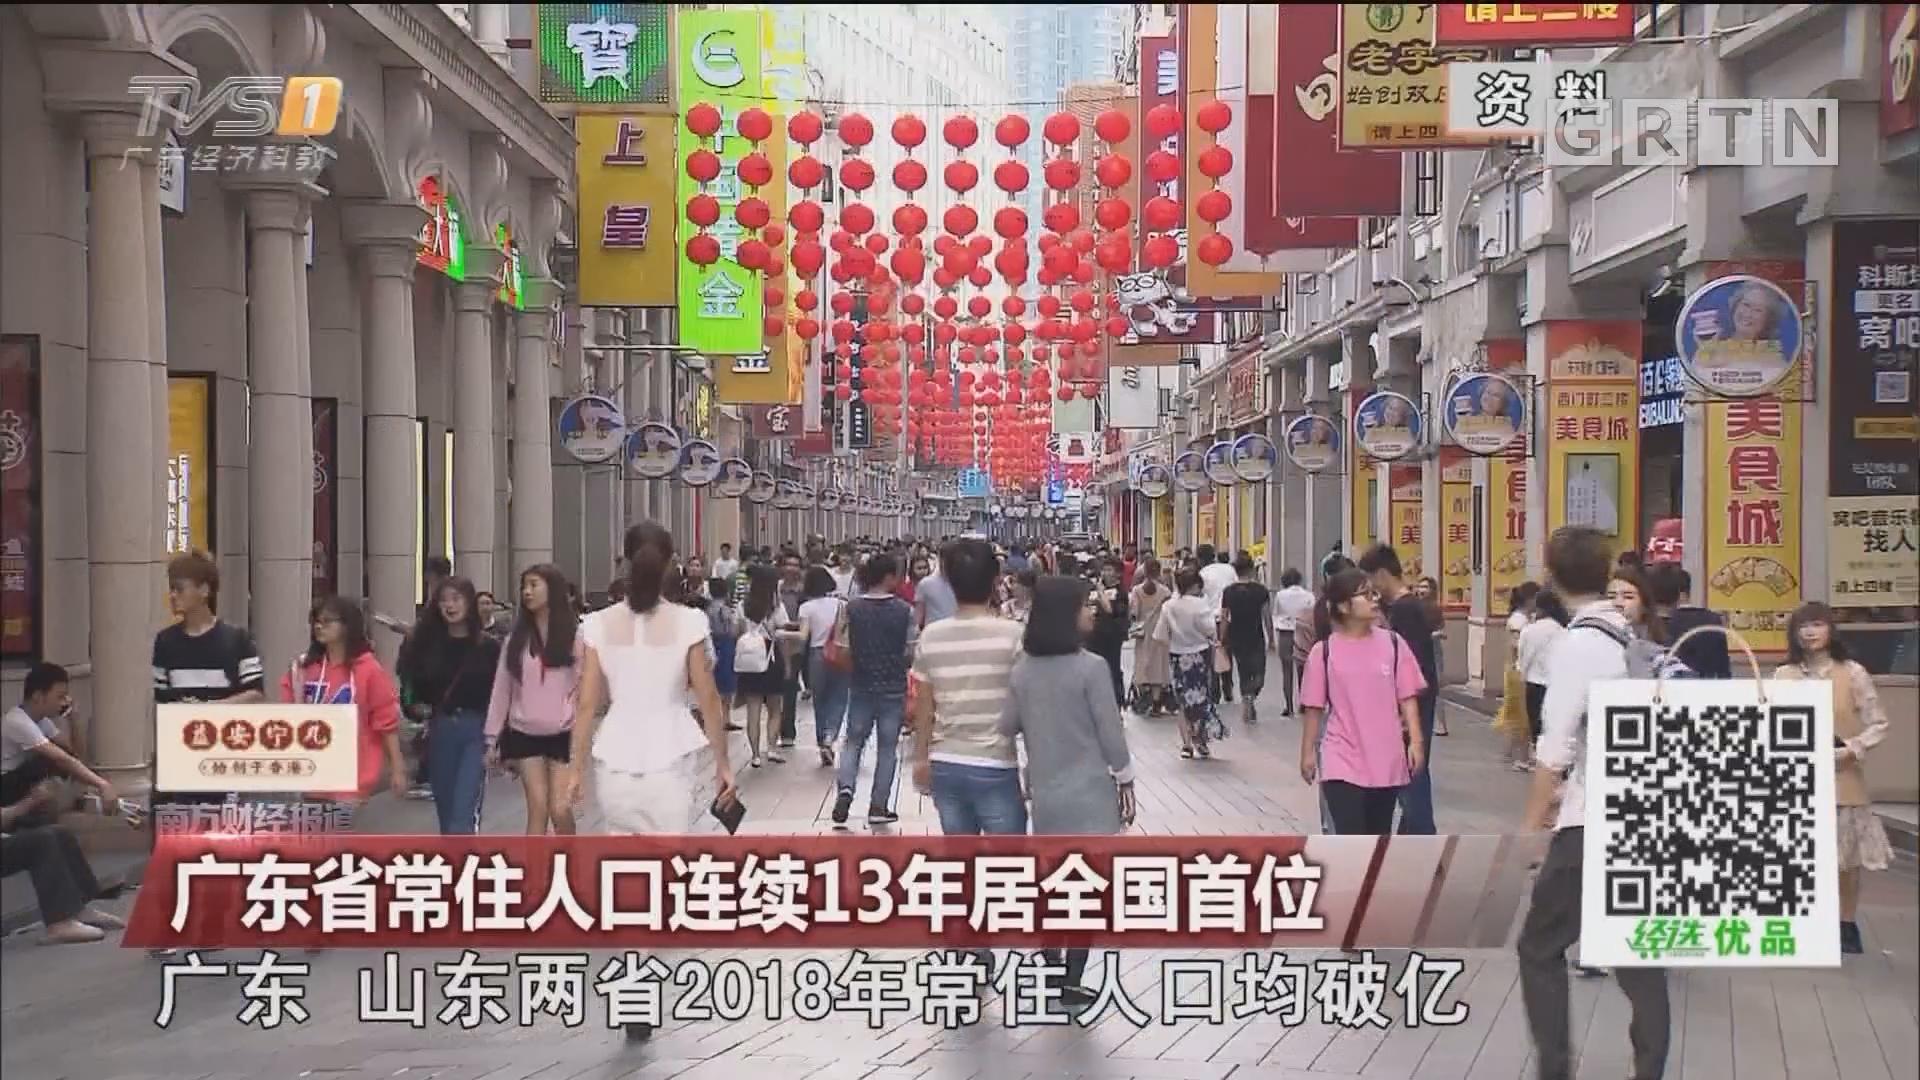 广东省常住人口连续13年居全国首位